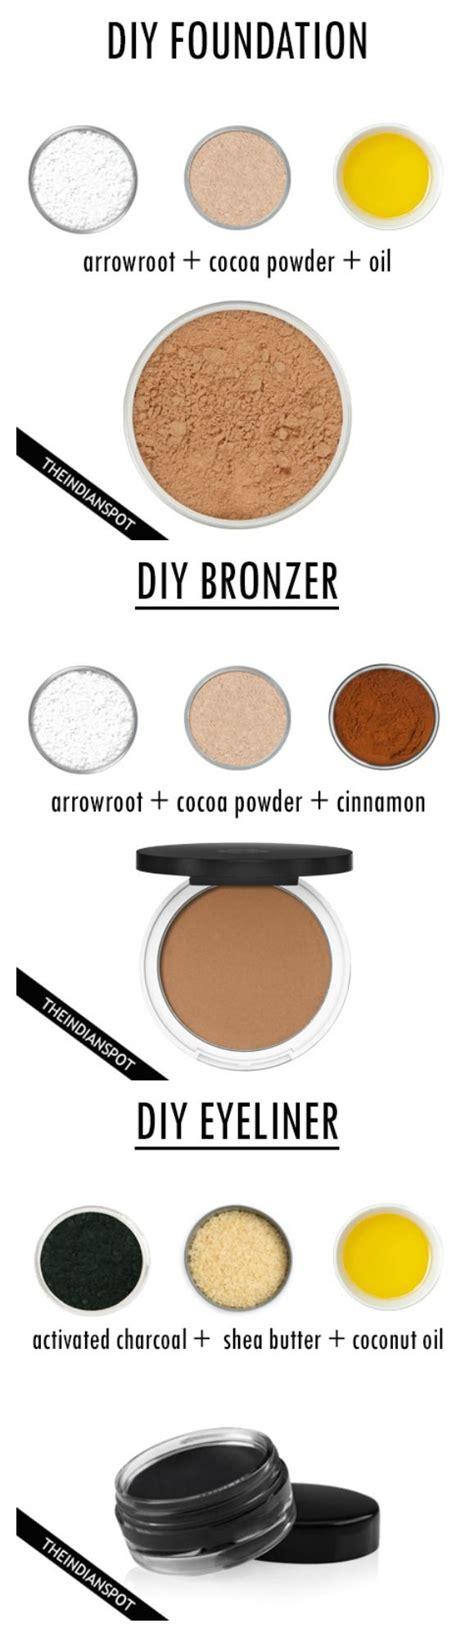 diy makeup 17 best ideas about diy makeup on